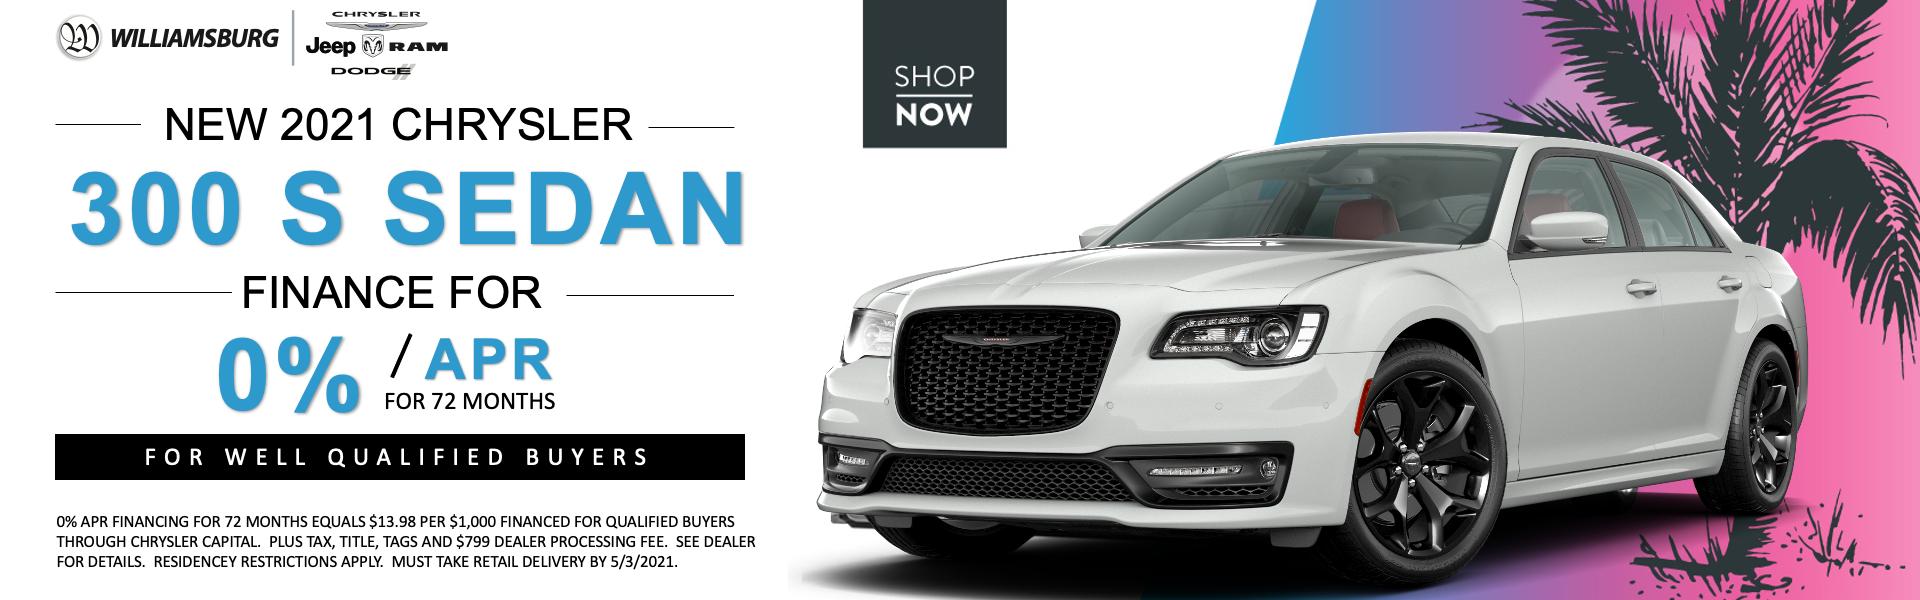 2021 Chrysler 300 April Offer